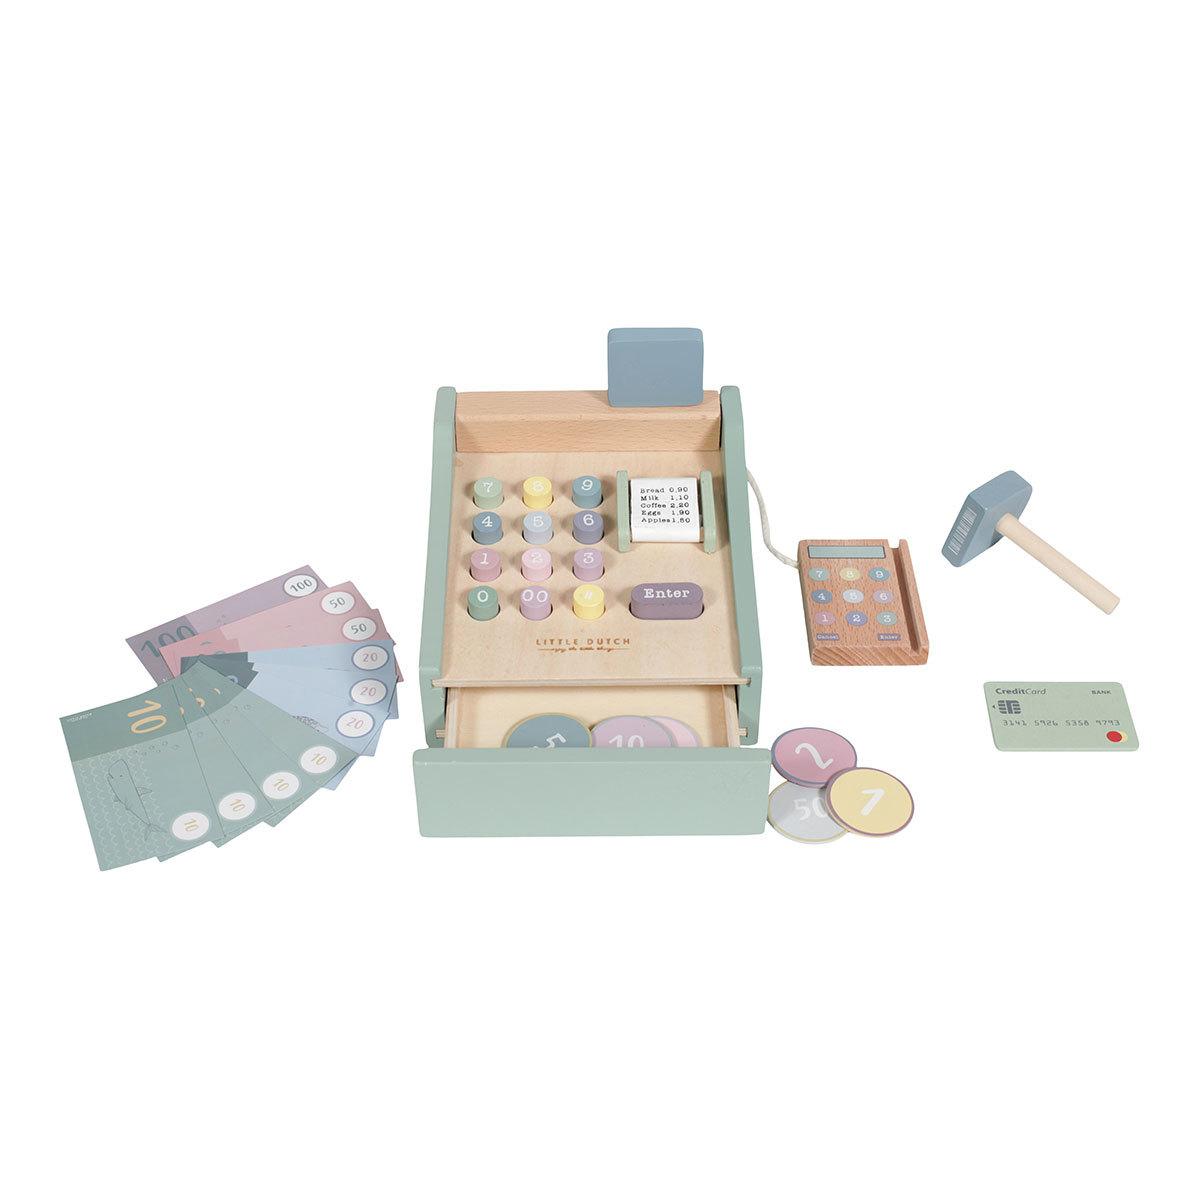 Mes premiers jouets Caisse Enregistreuse en Bois Caisse Enregistreuse en Bois